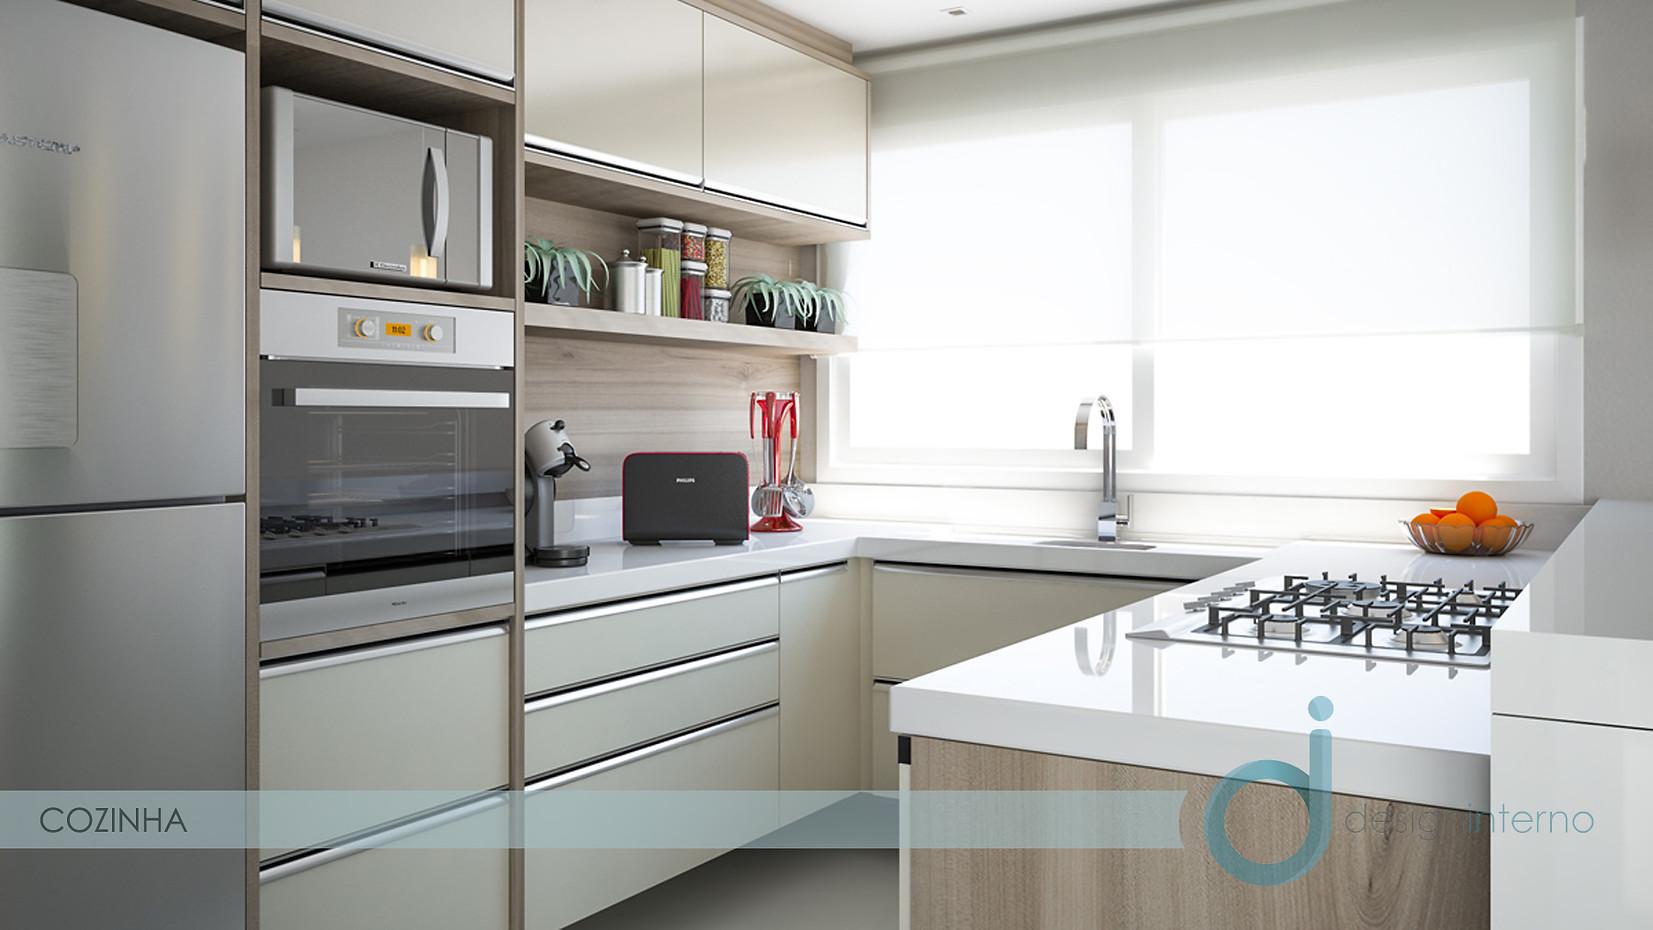 Cozinha_sob_medida_Designinterno_01.jpg